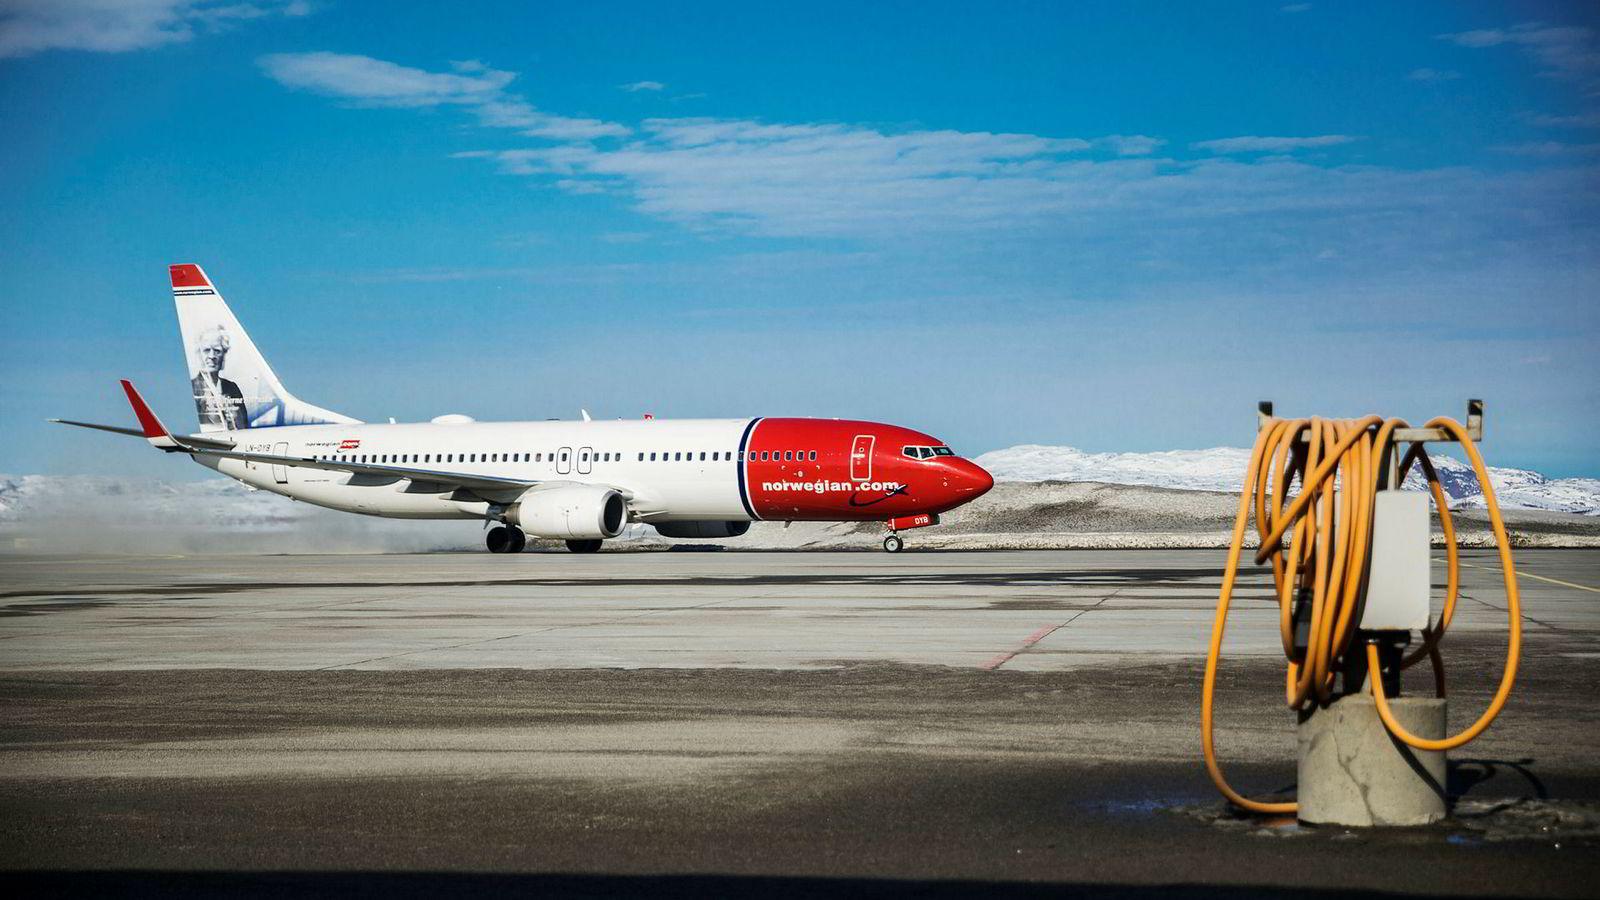 Norwegian må høyne billettinntektene og håpe på lav oljepris, skriver artikkelforfatteren. Her et Norwegian-fly på Kirkenes lufthavn.